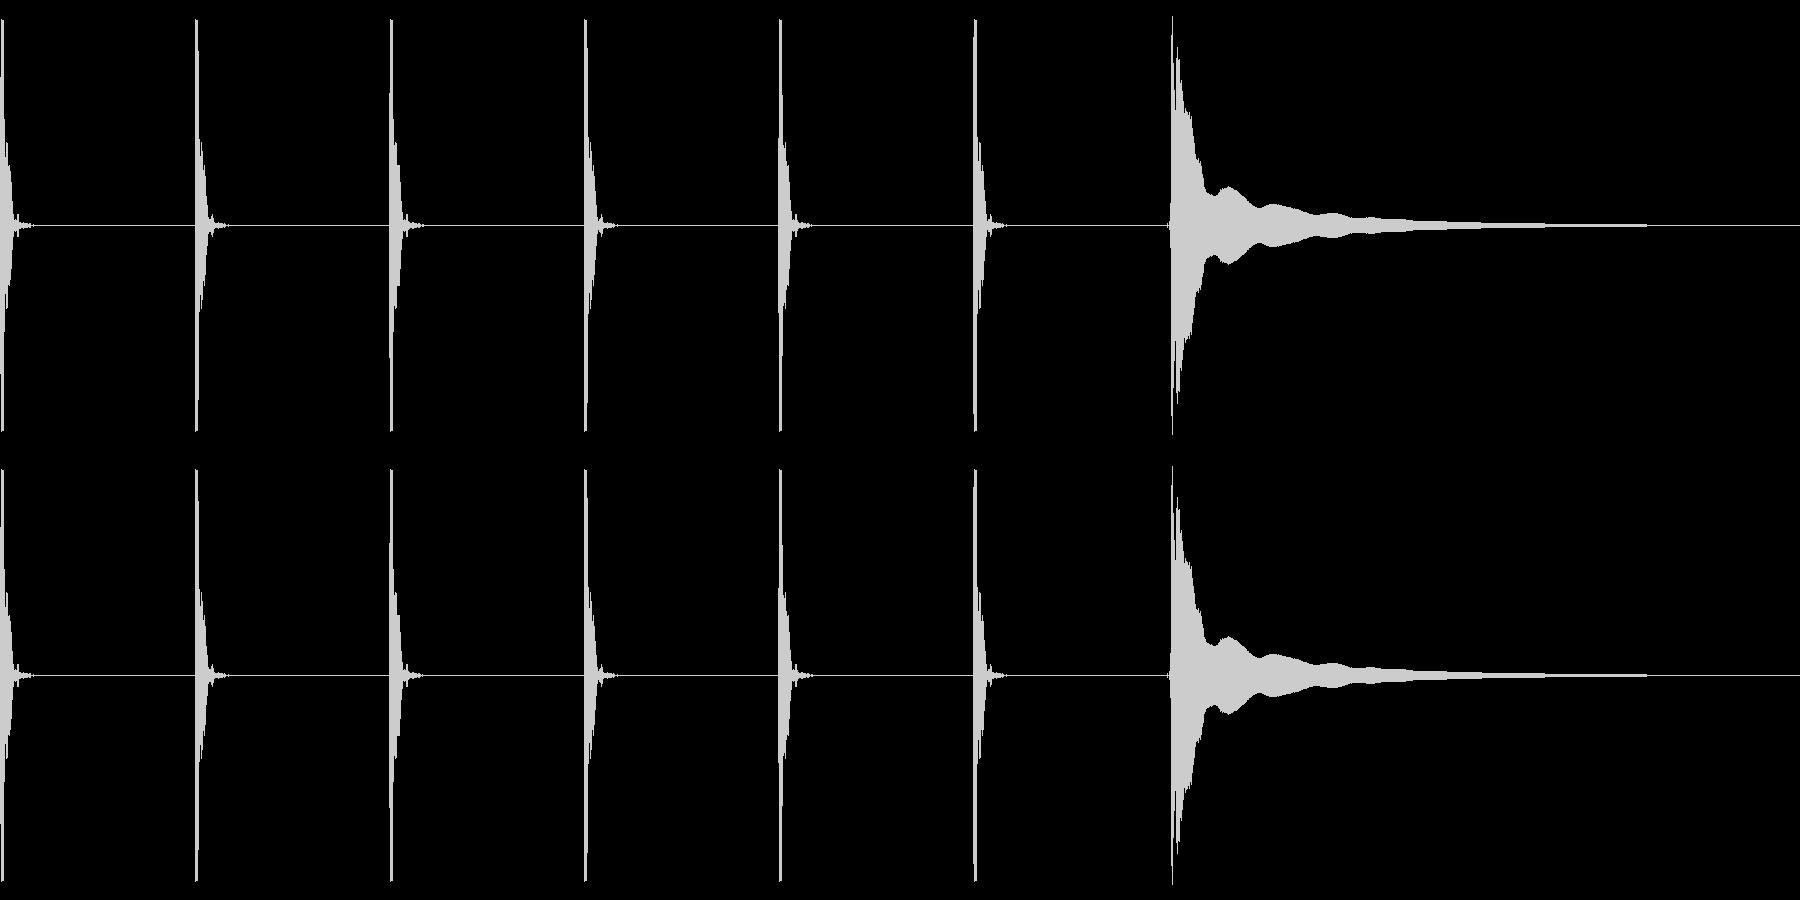 【生録音】ポクポクポク・チーン(遅め)の未再生の波形